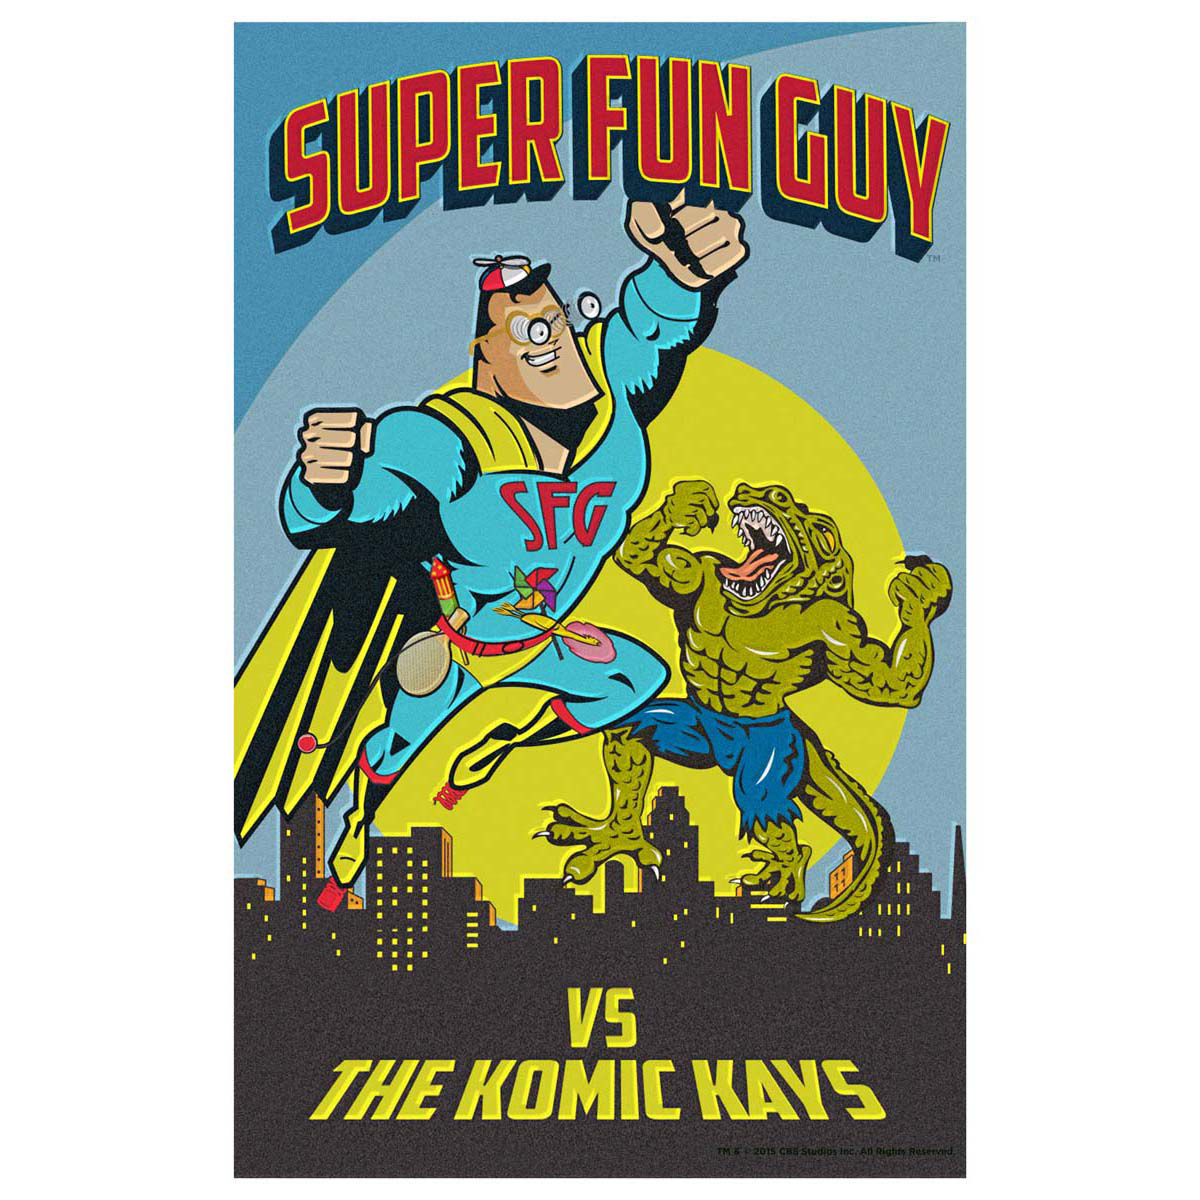 Scorpion SFG Komic Kays Poster [11x17]